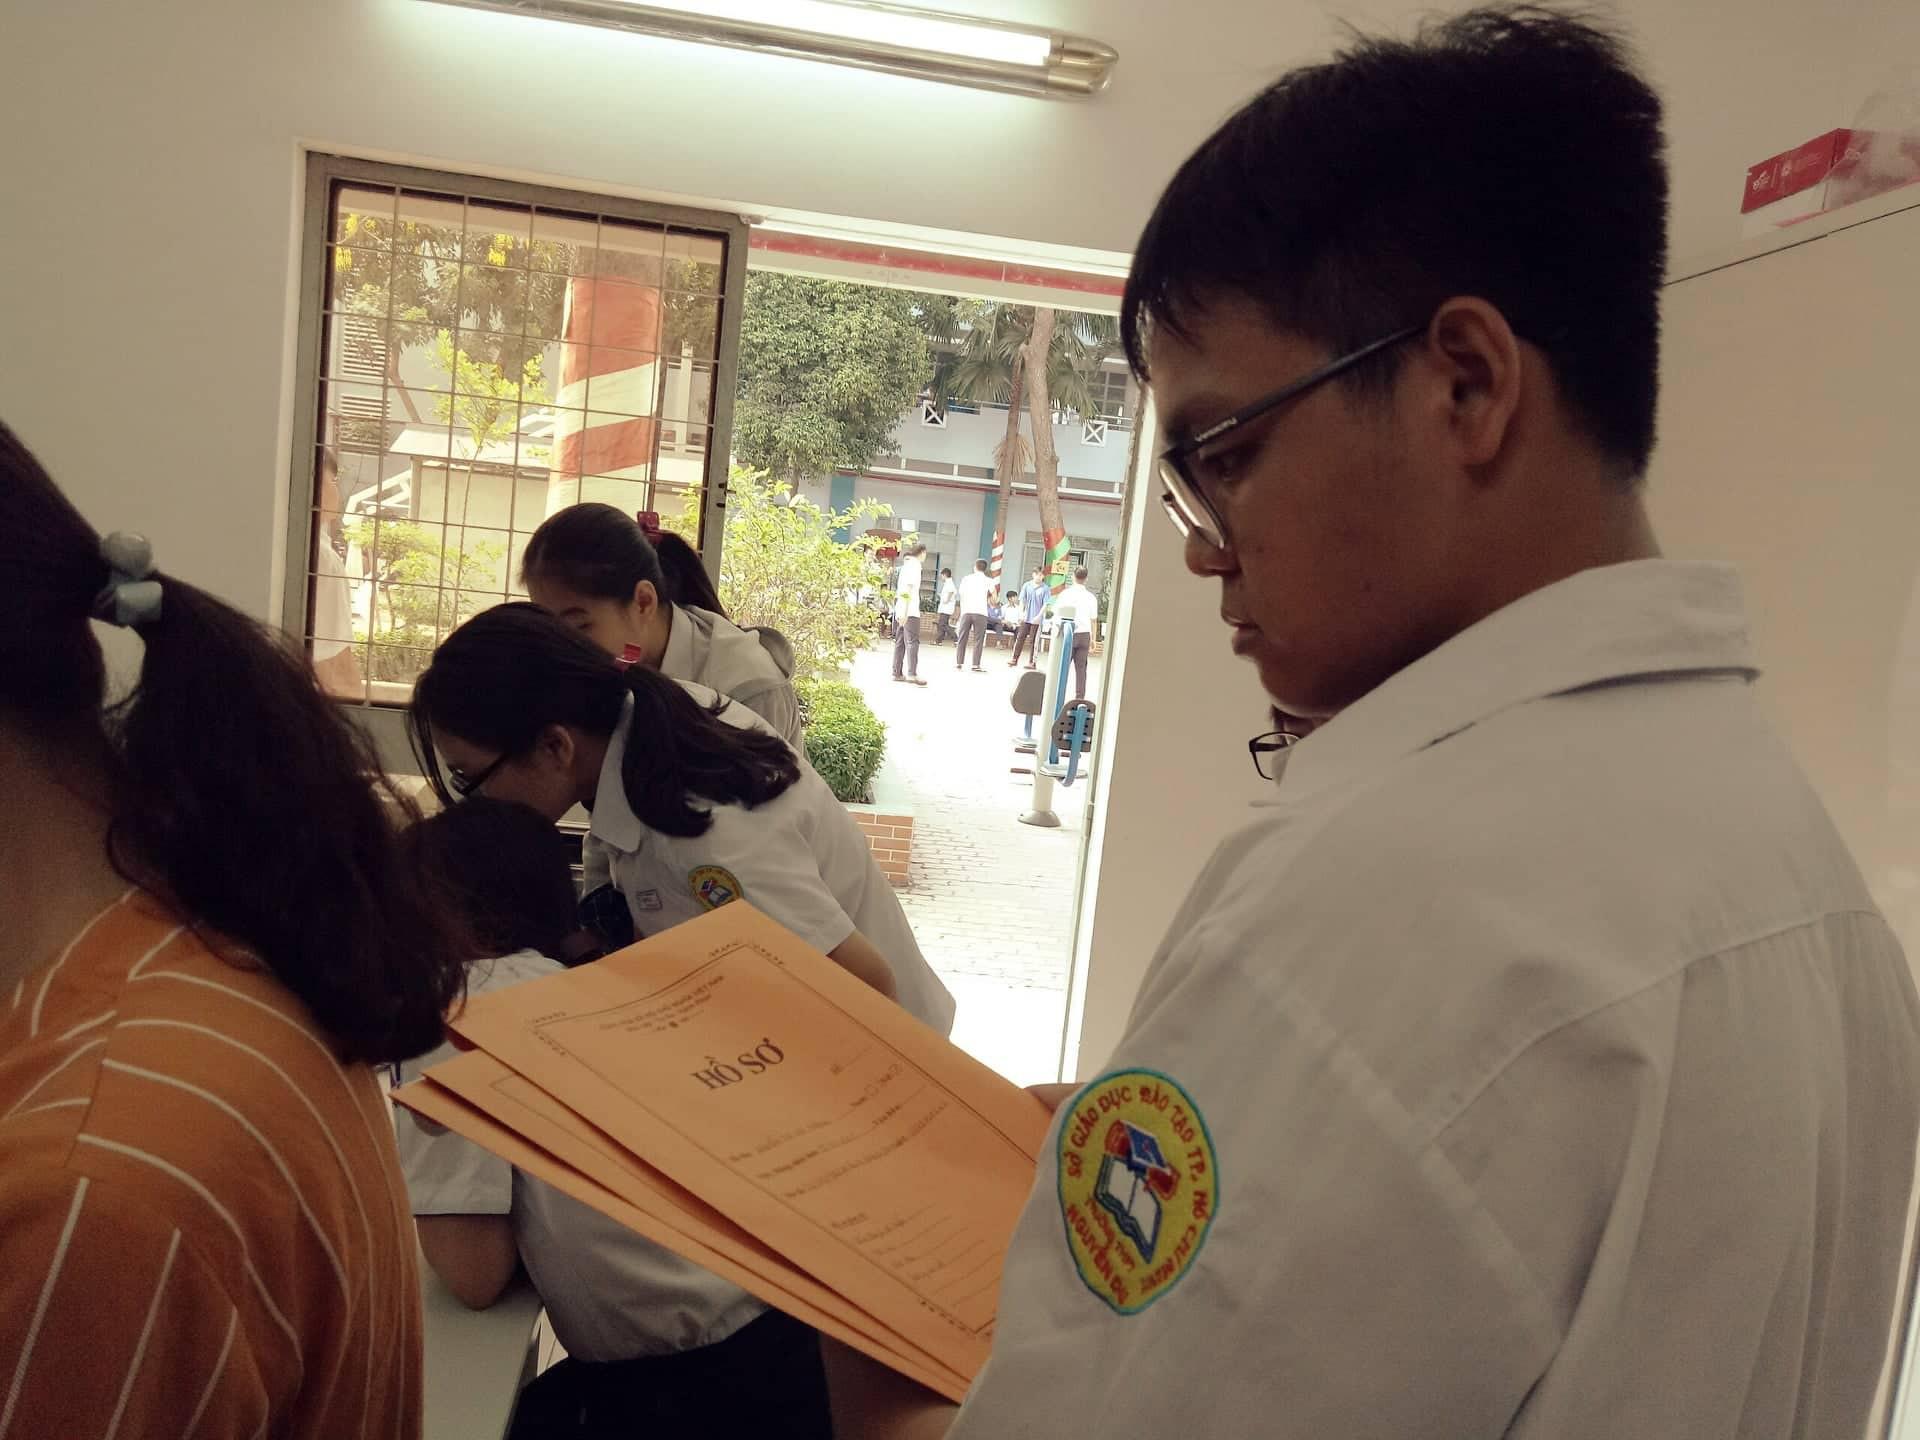 Hướng dẫn cách sửa sai khi đã nộp phiếu đăng kí dự thi THPT quốc gia 2019 - Ảnh 1.